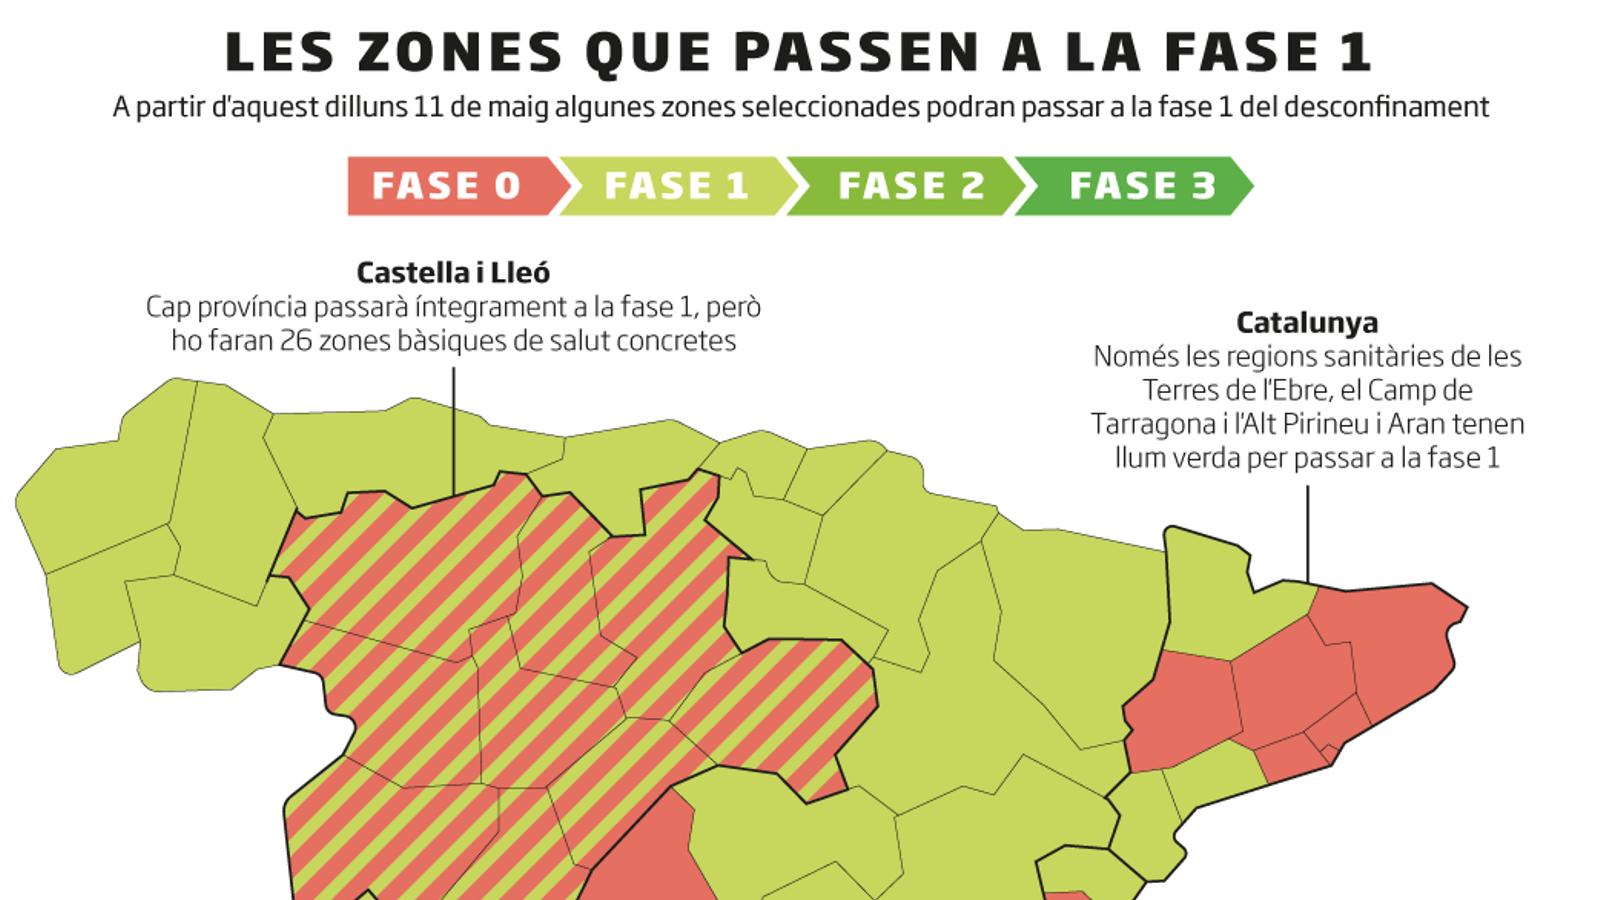 Sanitat accepta que l'Alt Pirineu i Aran, Tarragona i Terres de l'Ebre passin a la fase 1